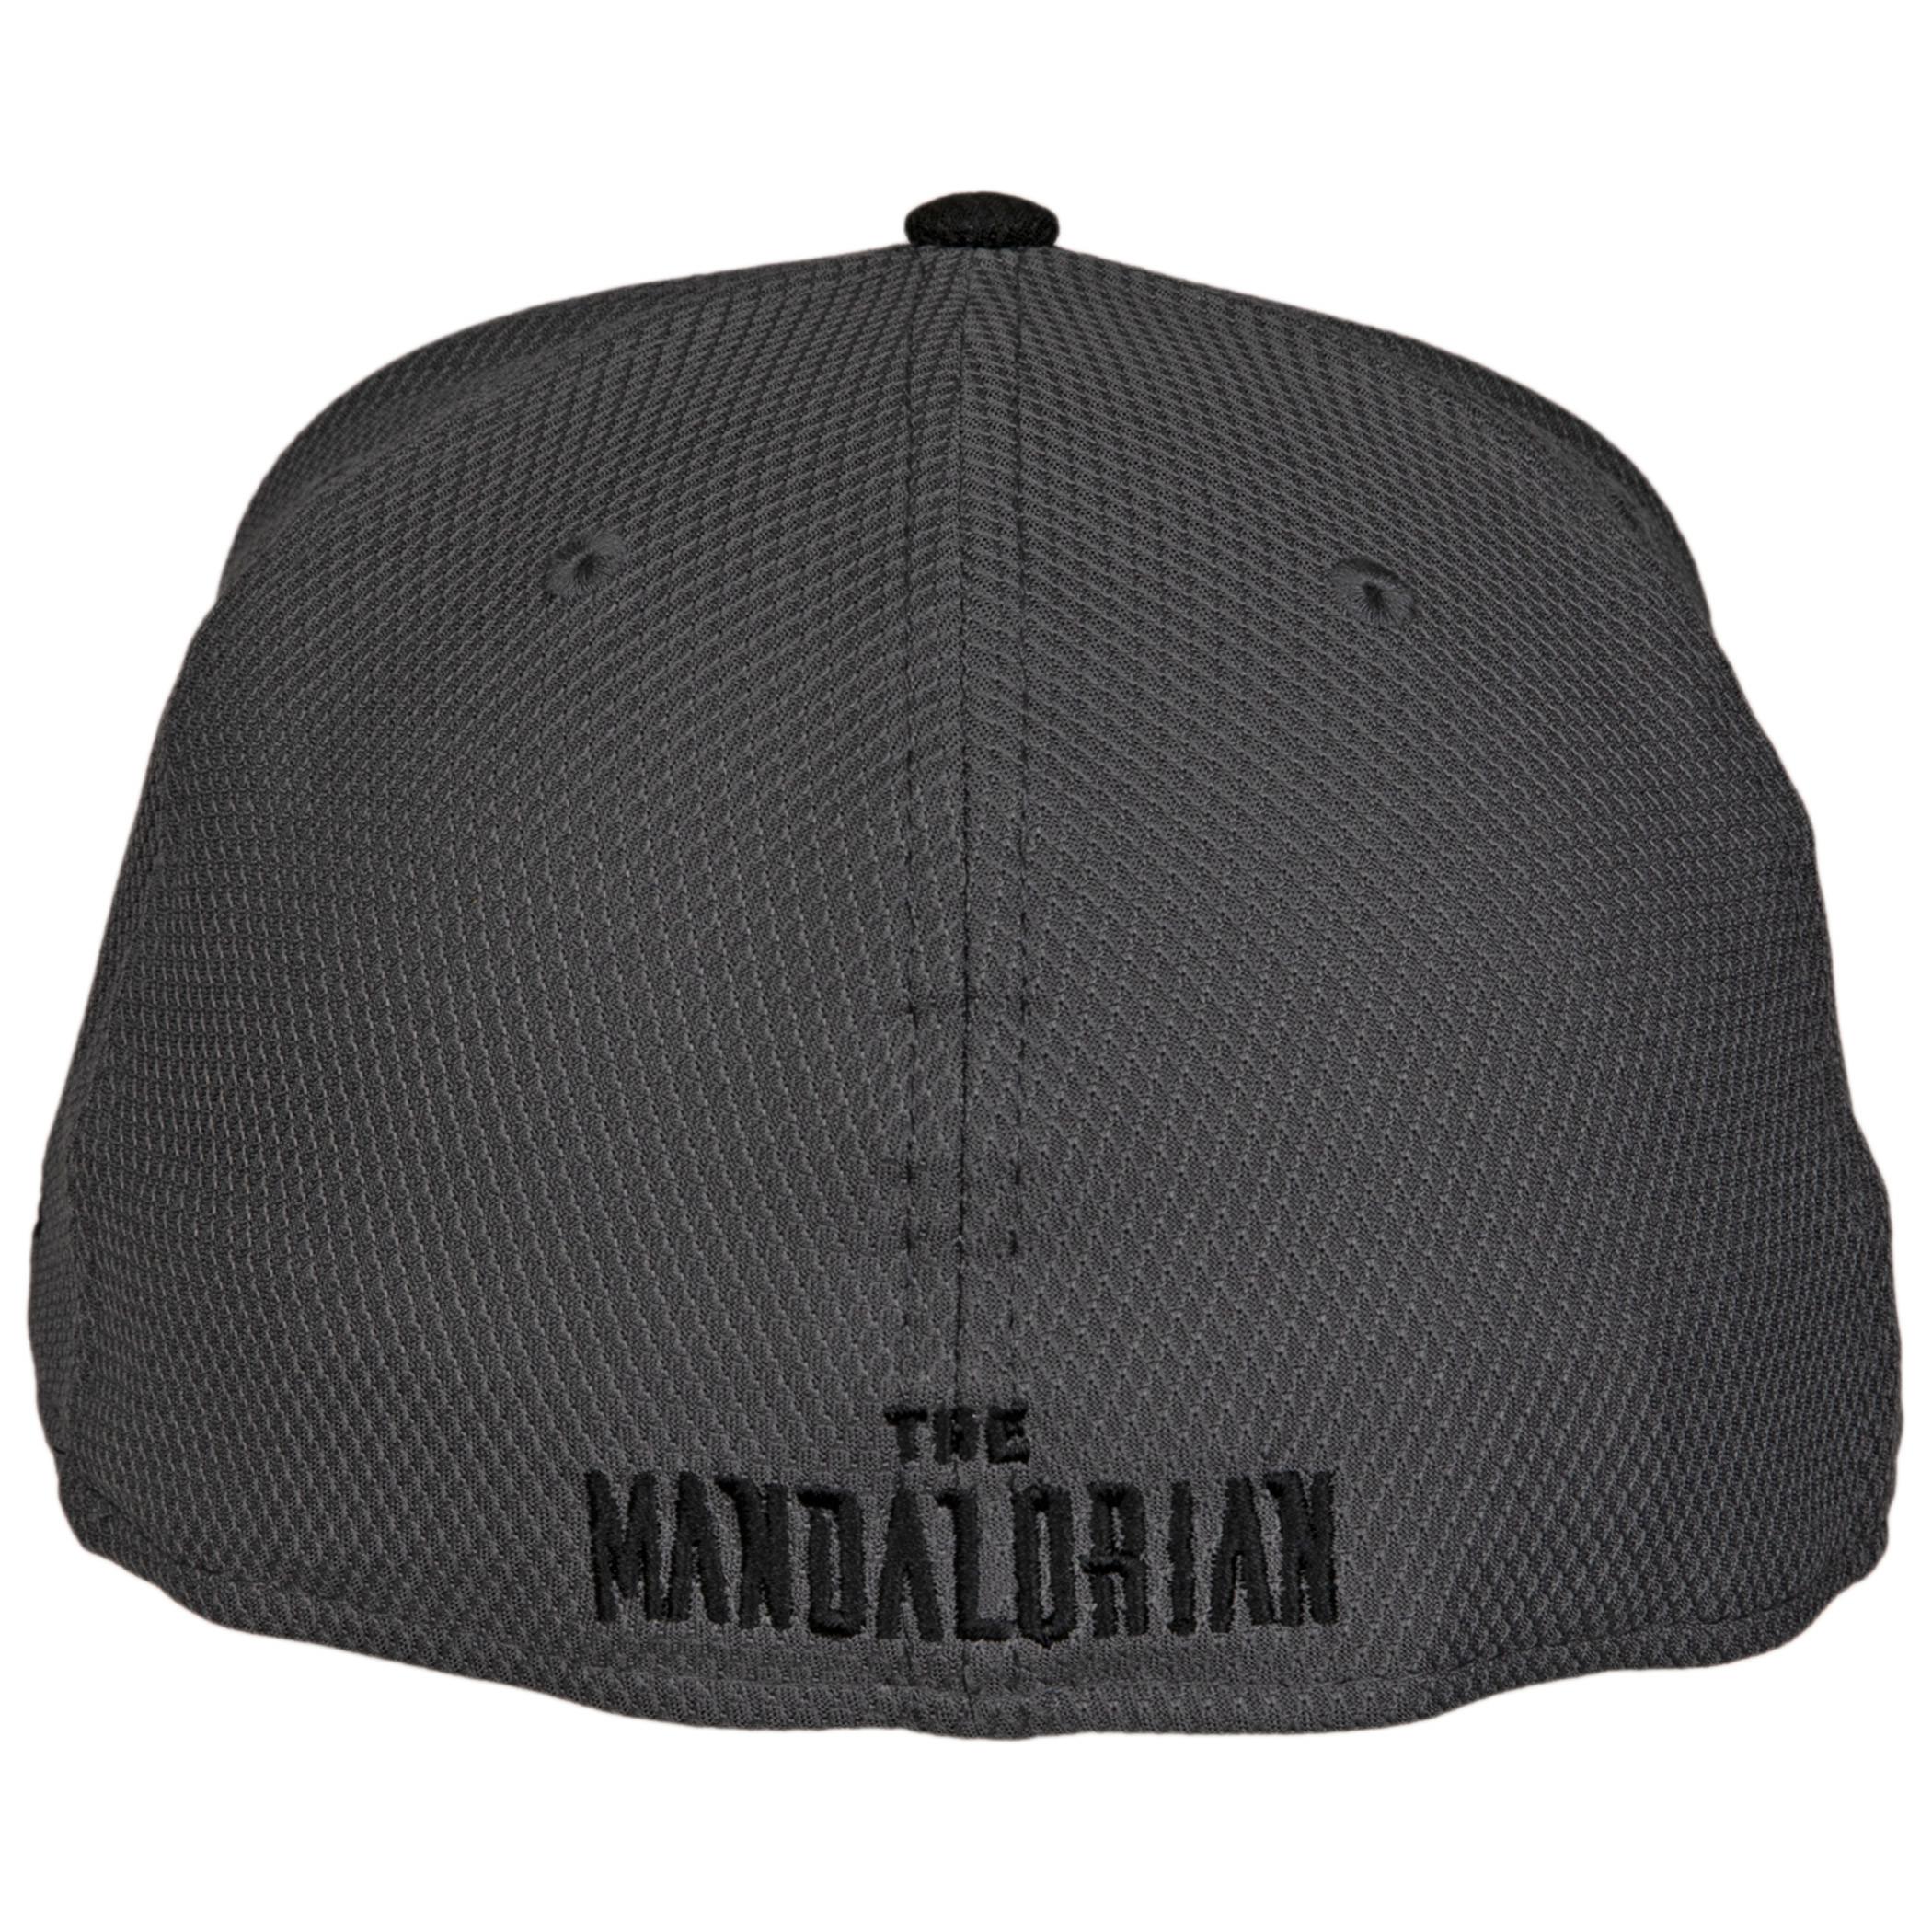 Star Wars Mandalorian Mudhorn Sigil Diamond Tech New Era 59Fifty Fitted Hat